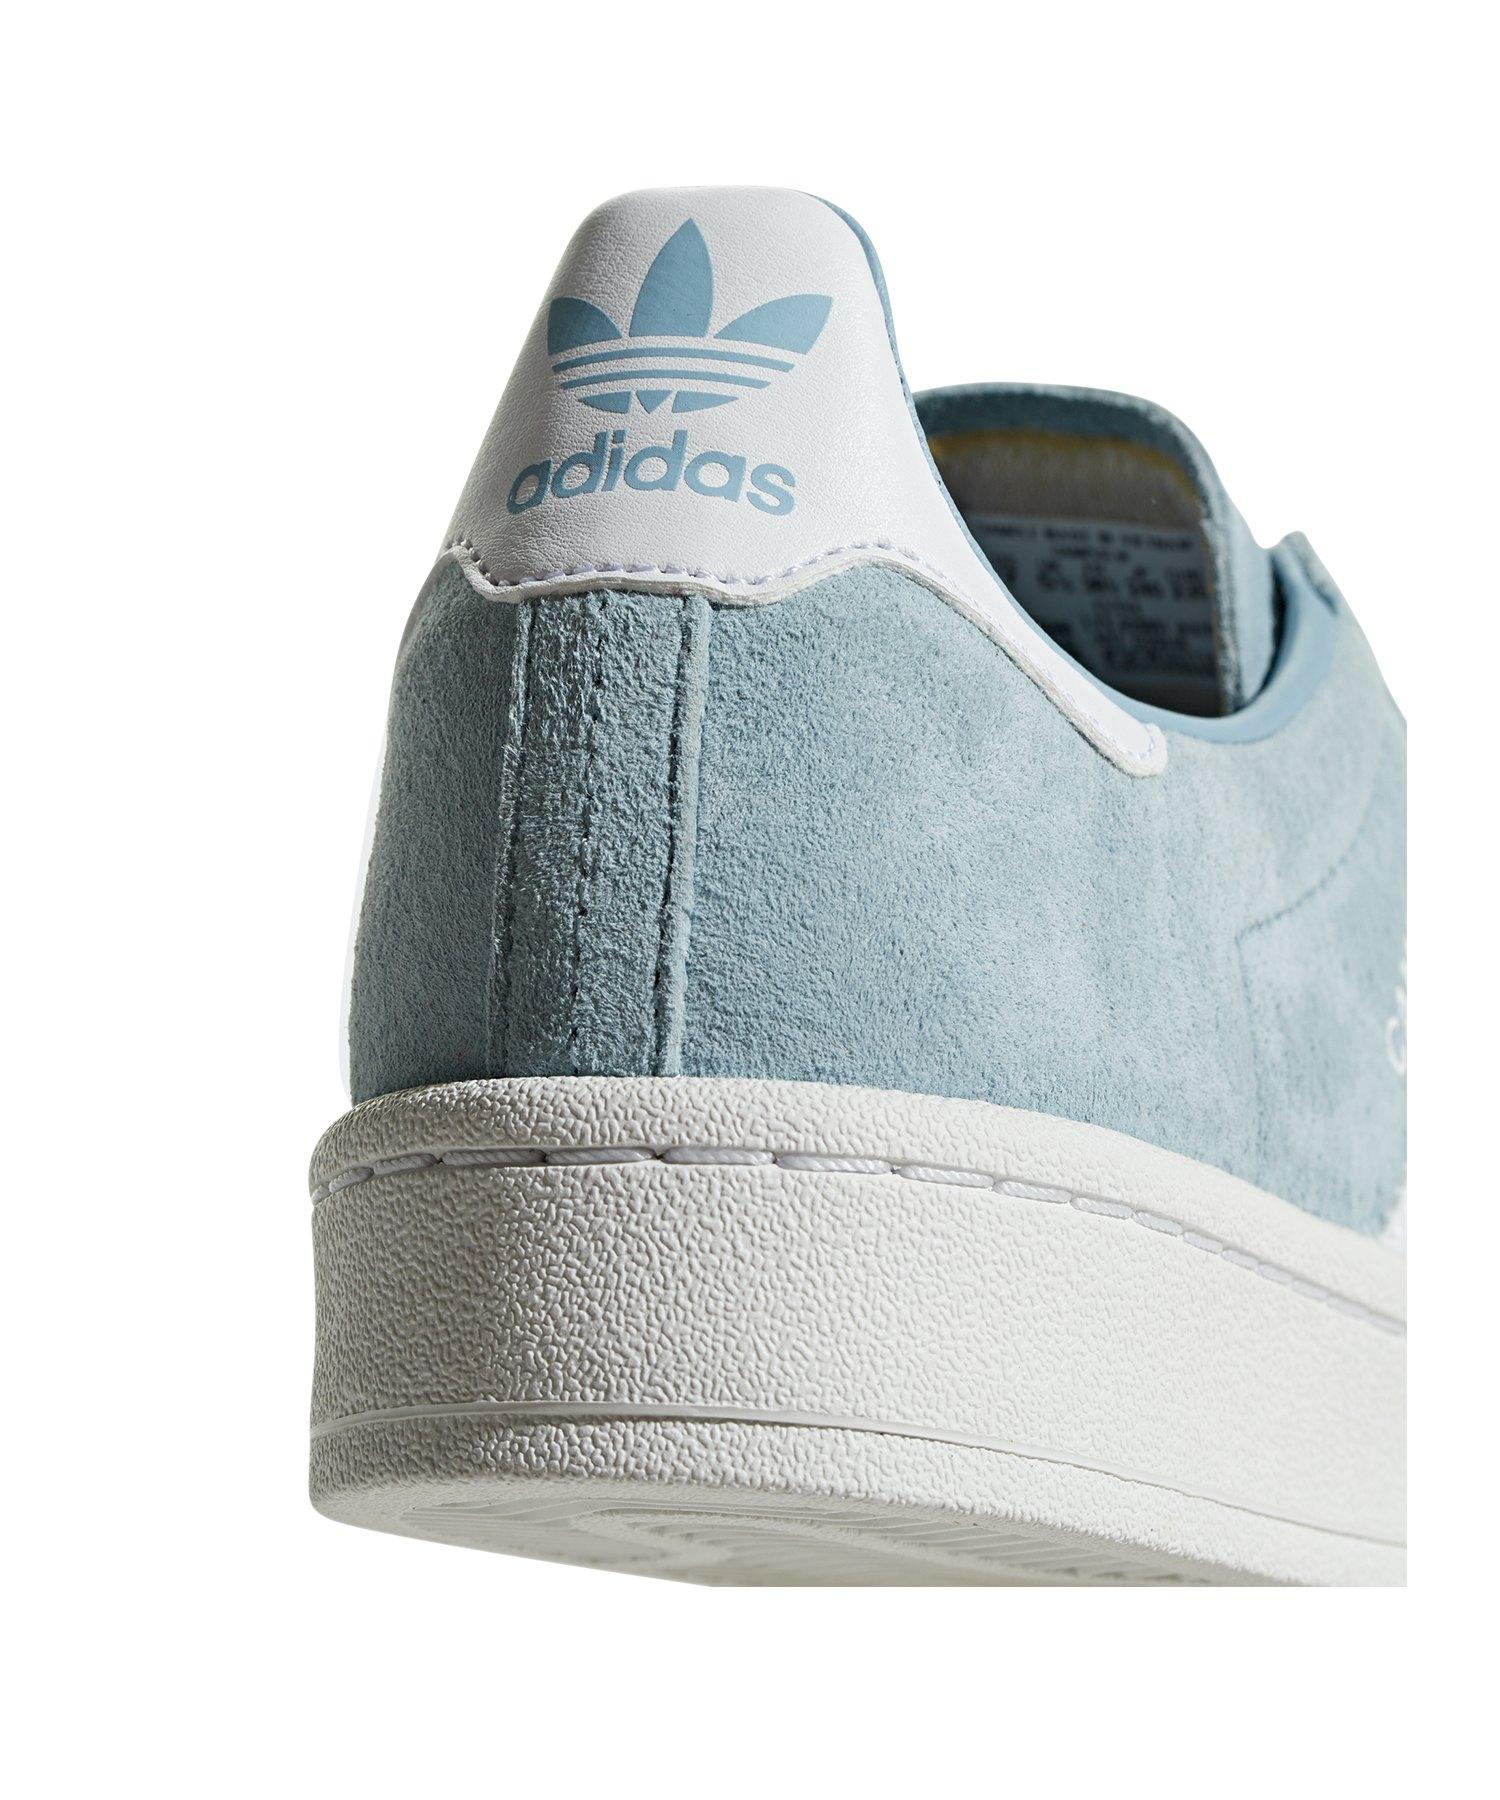 Weiss Campus Sneaker lifestyle Damen Adidas Originals Blau gpx14q